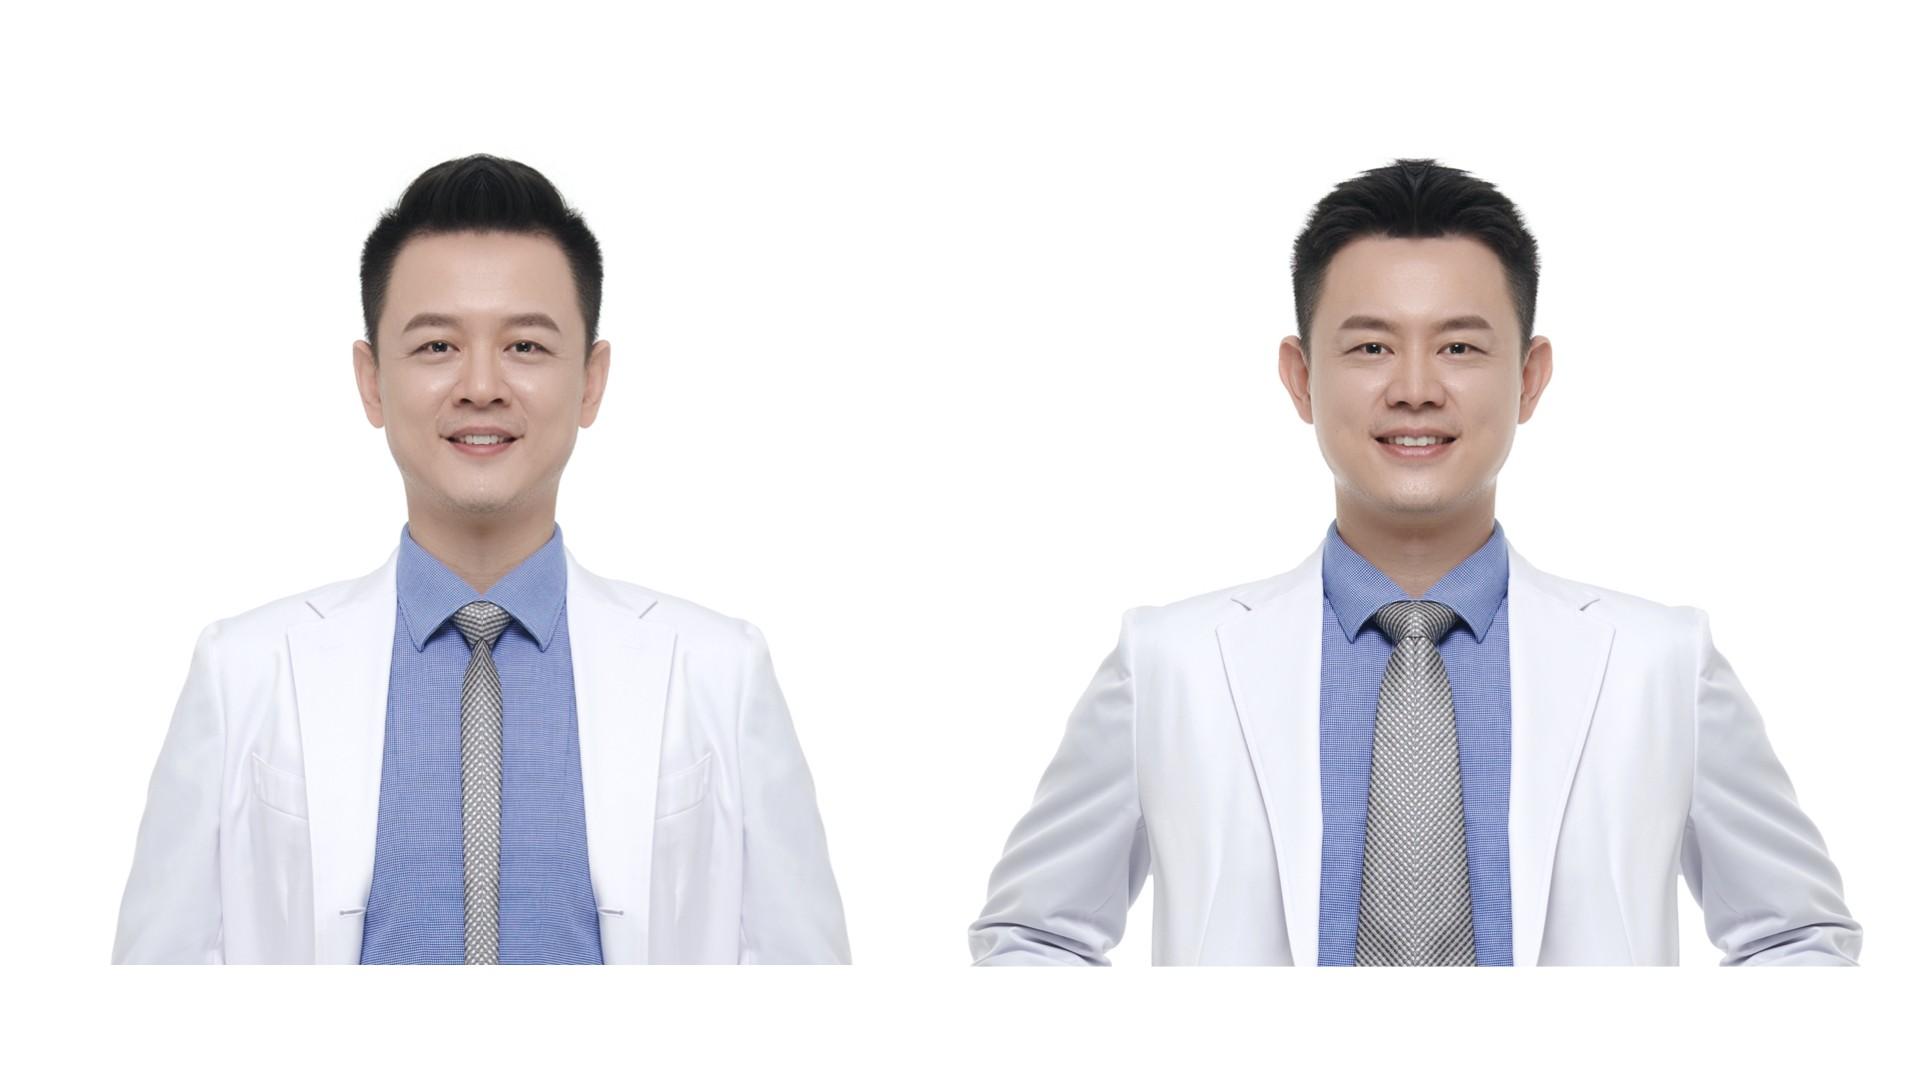 榮醫師,我的臉看起來好像有點不對稱?